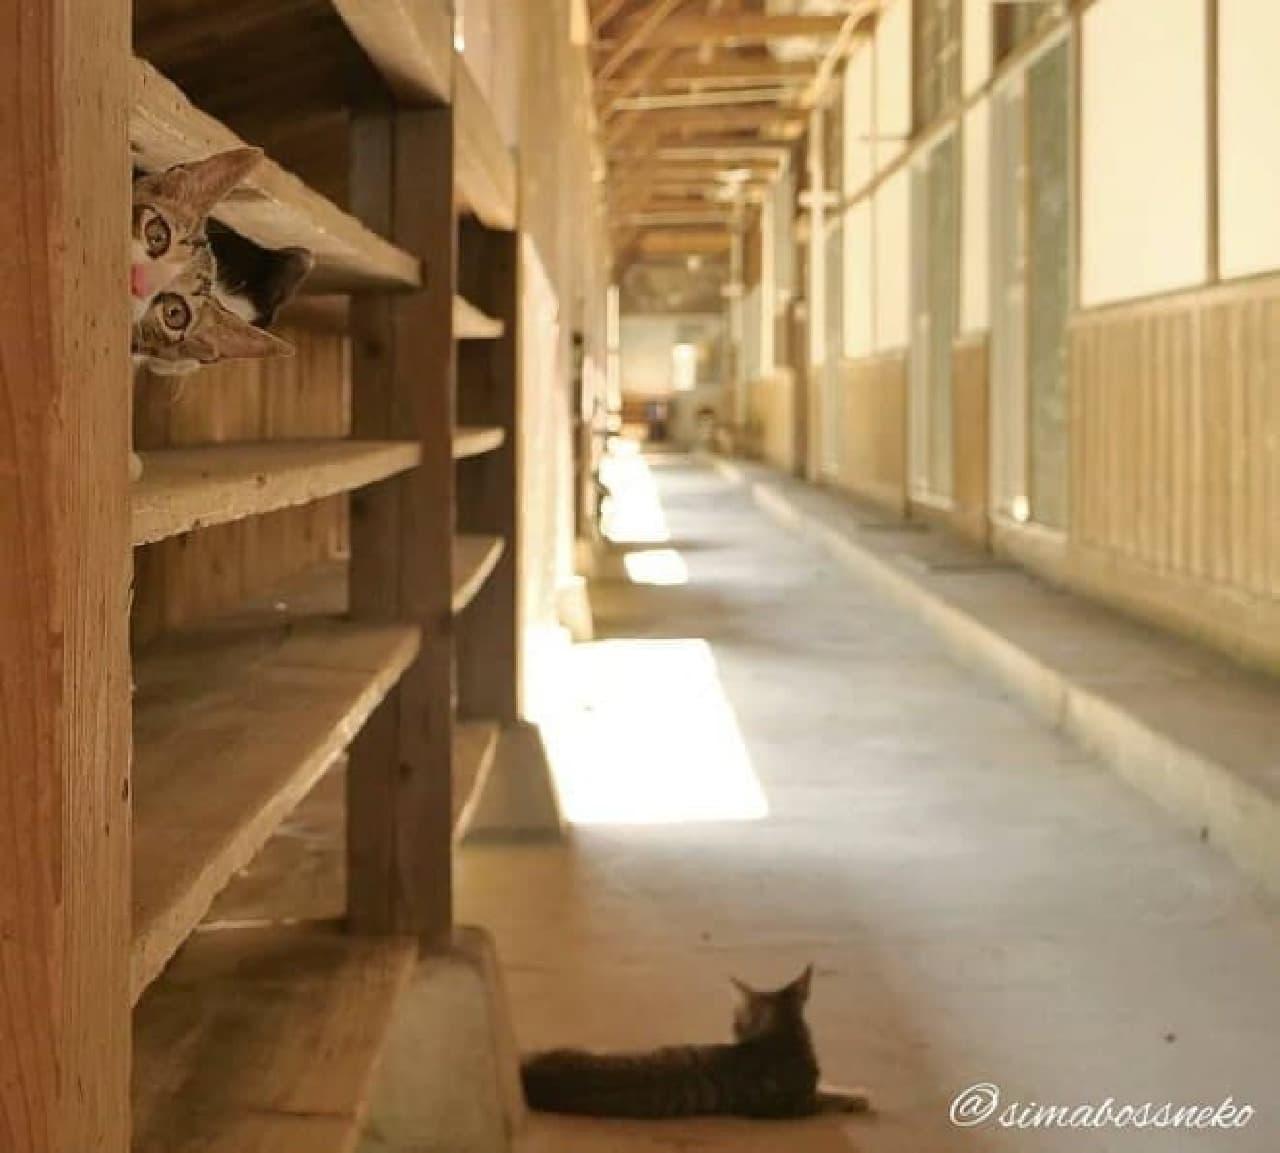 simabossnekoさんの写真展「にゃんということでしょう!」、10月3日から佐柳島で開催